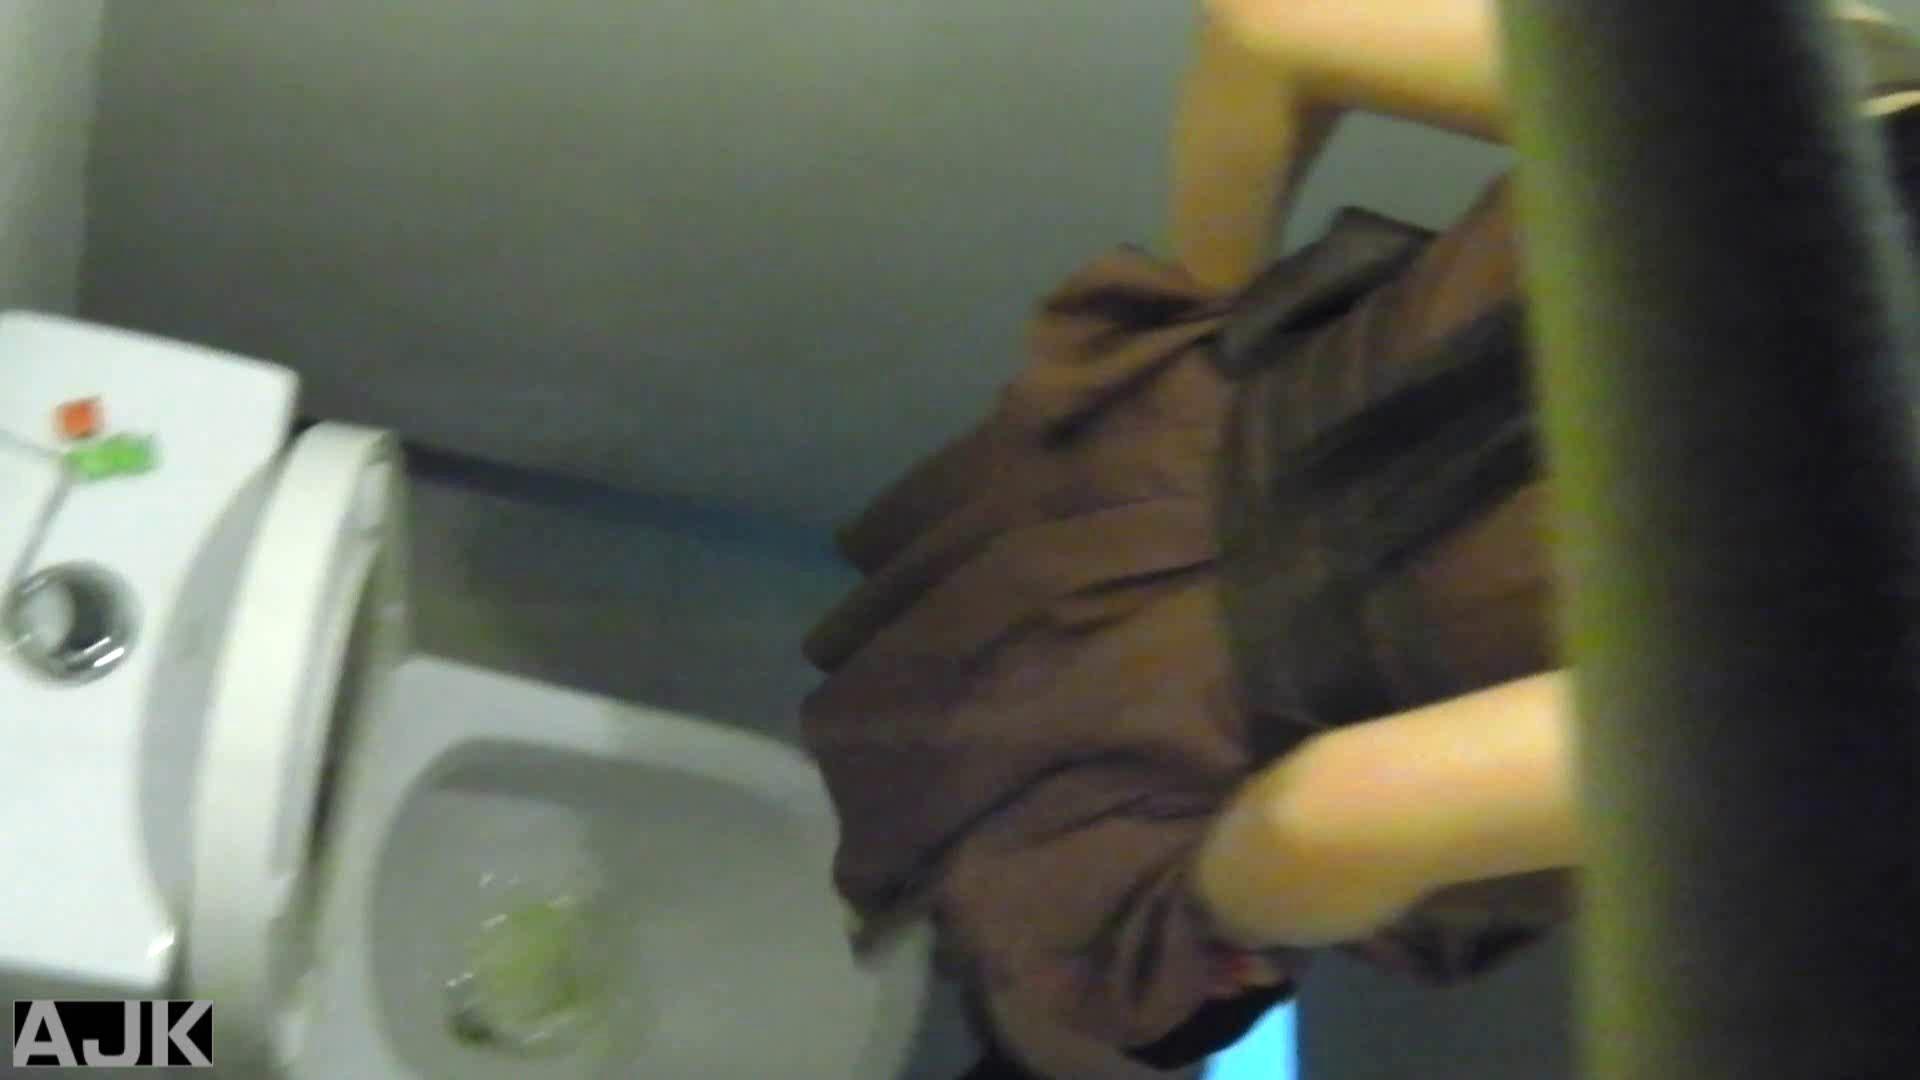 隣国上階級エリアの令嬢たちが集うデパートお手洗い Vol.13 女子トイレ編 おめこ無修正動画無料 100画像 20